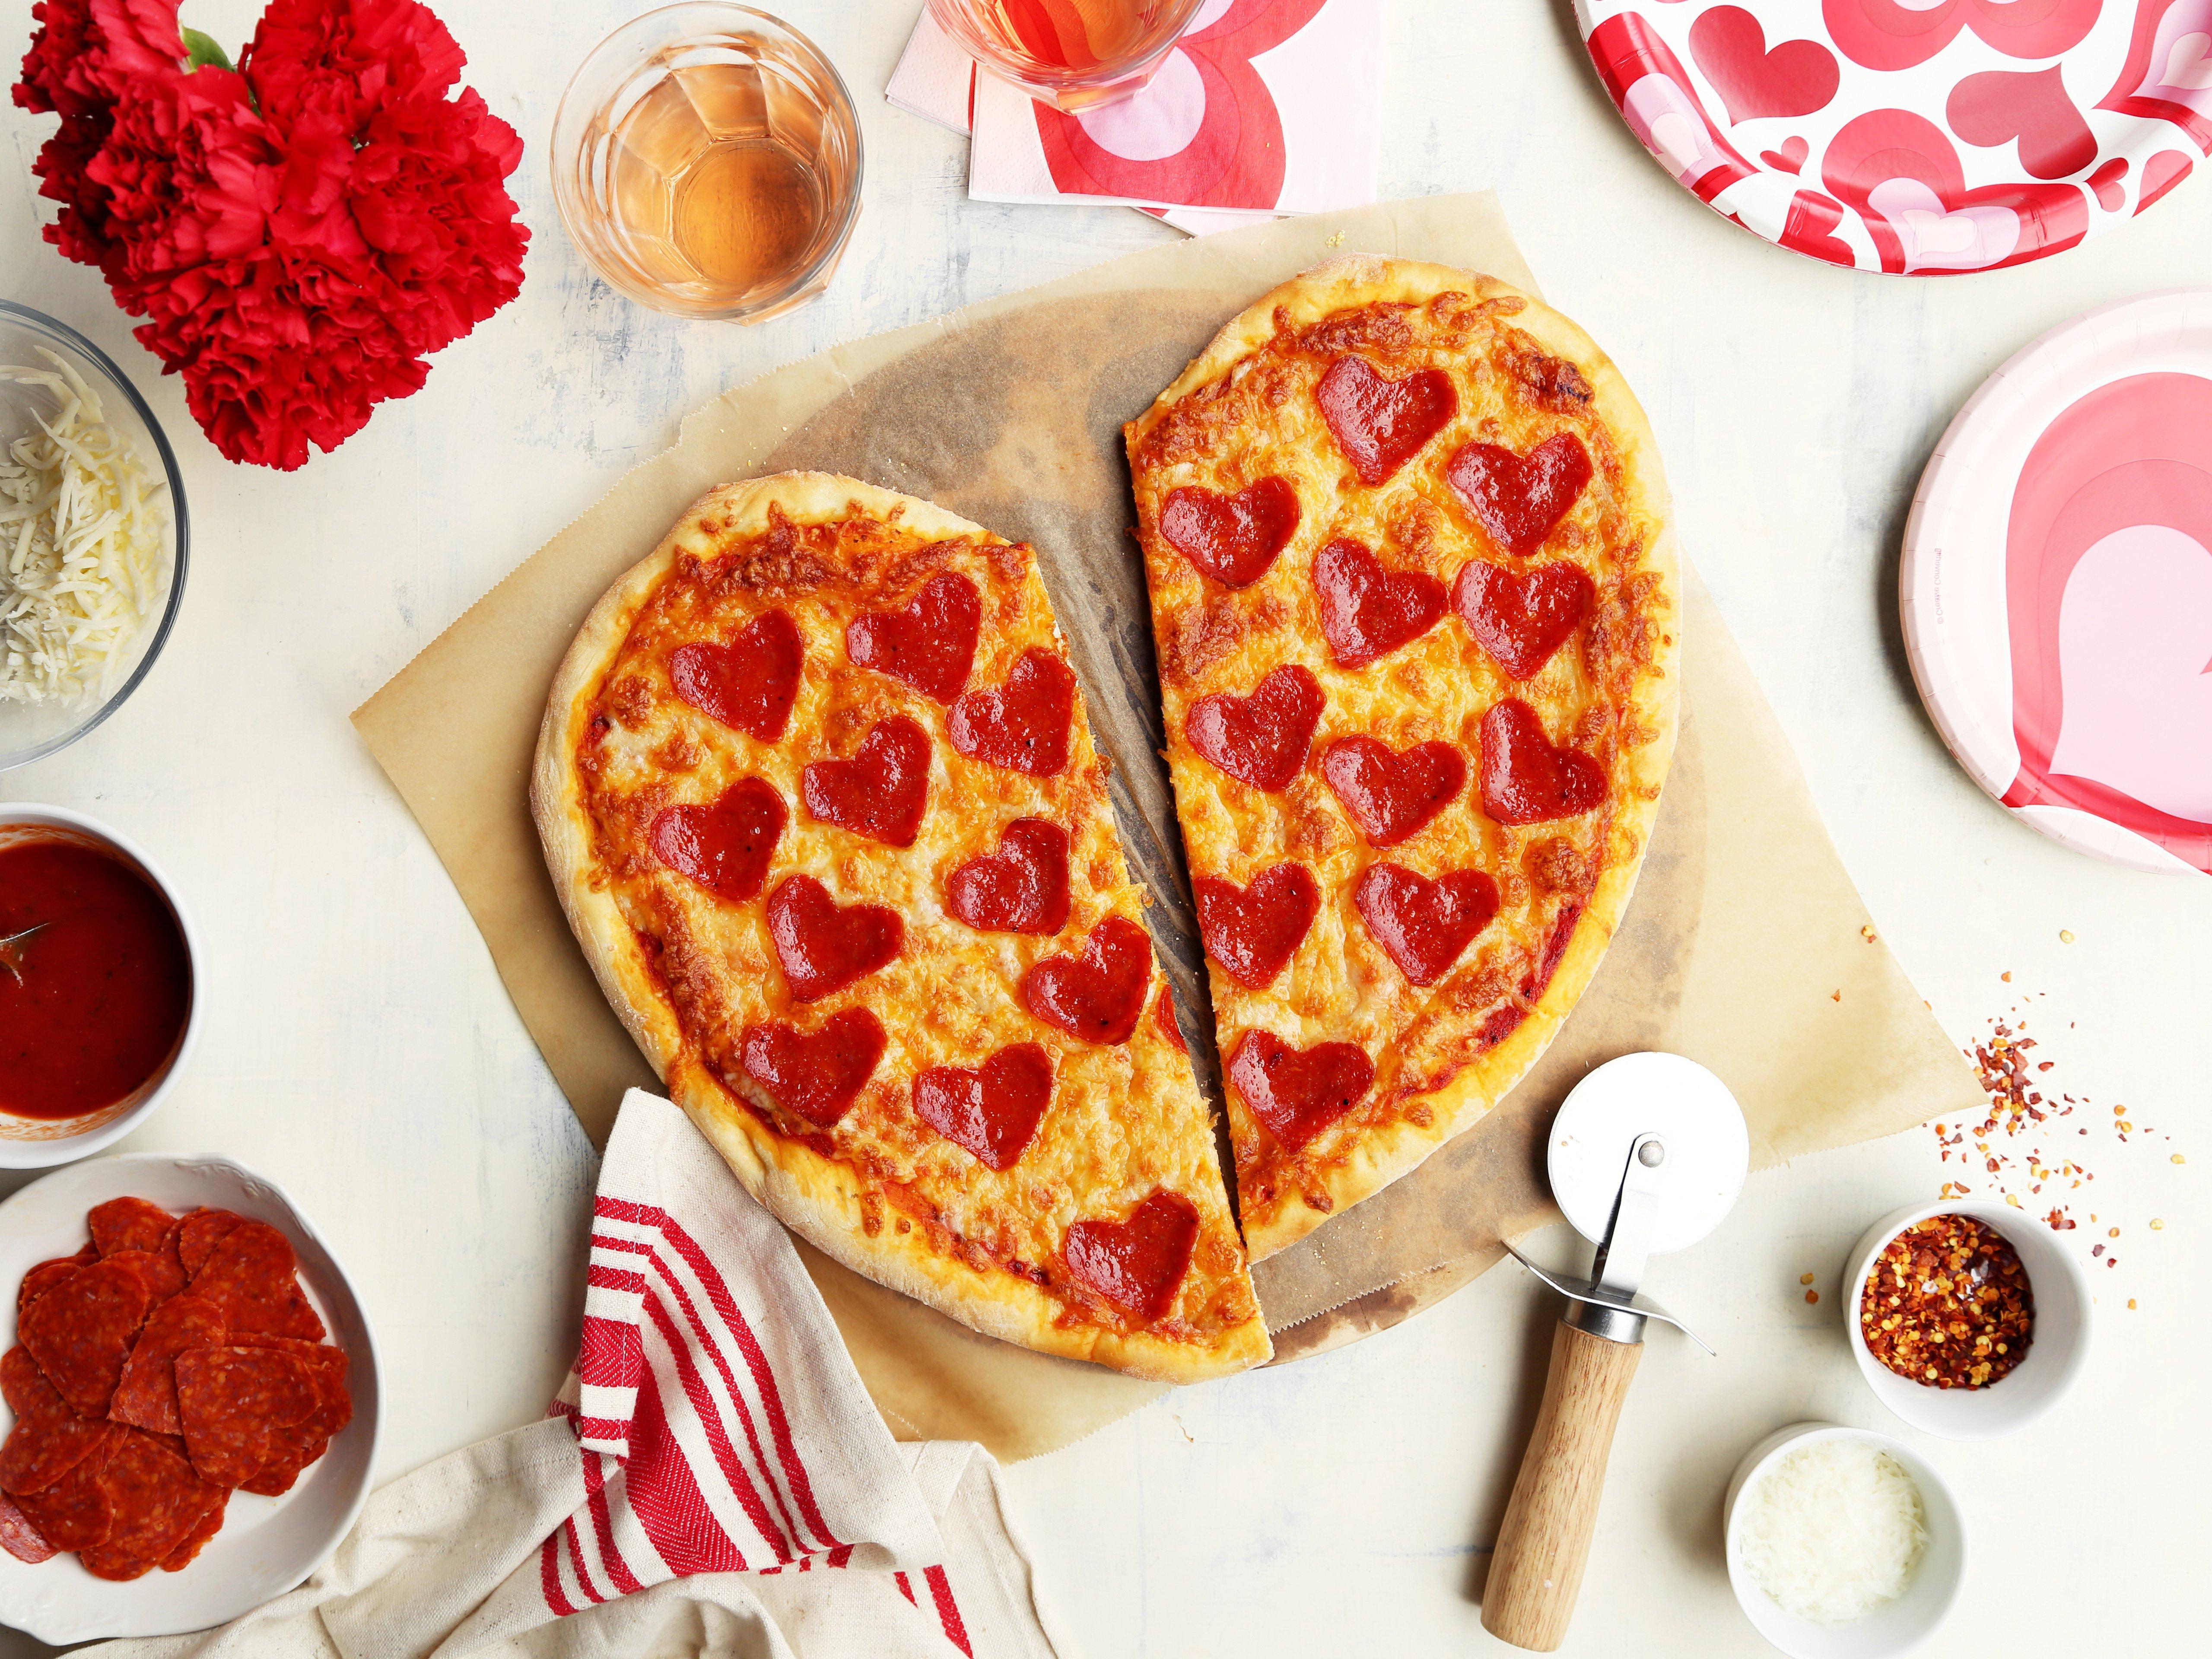 Heute zeigen wir Ihnen unsere leckeren Ideen mit Herz -Form für Pizza, an denen sonst die kleinsten Familien-Mitgliedern teilnehmen können!